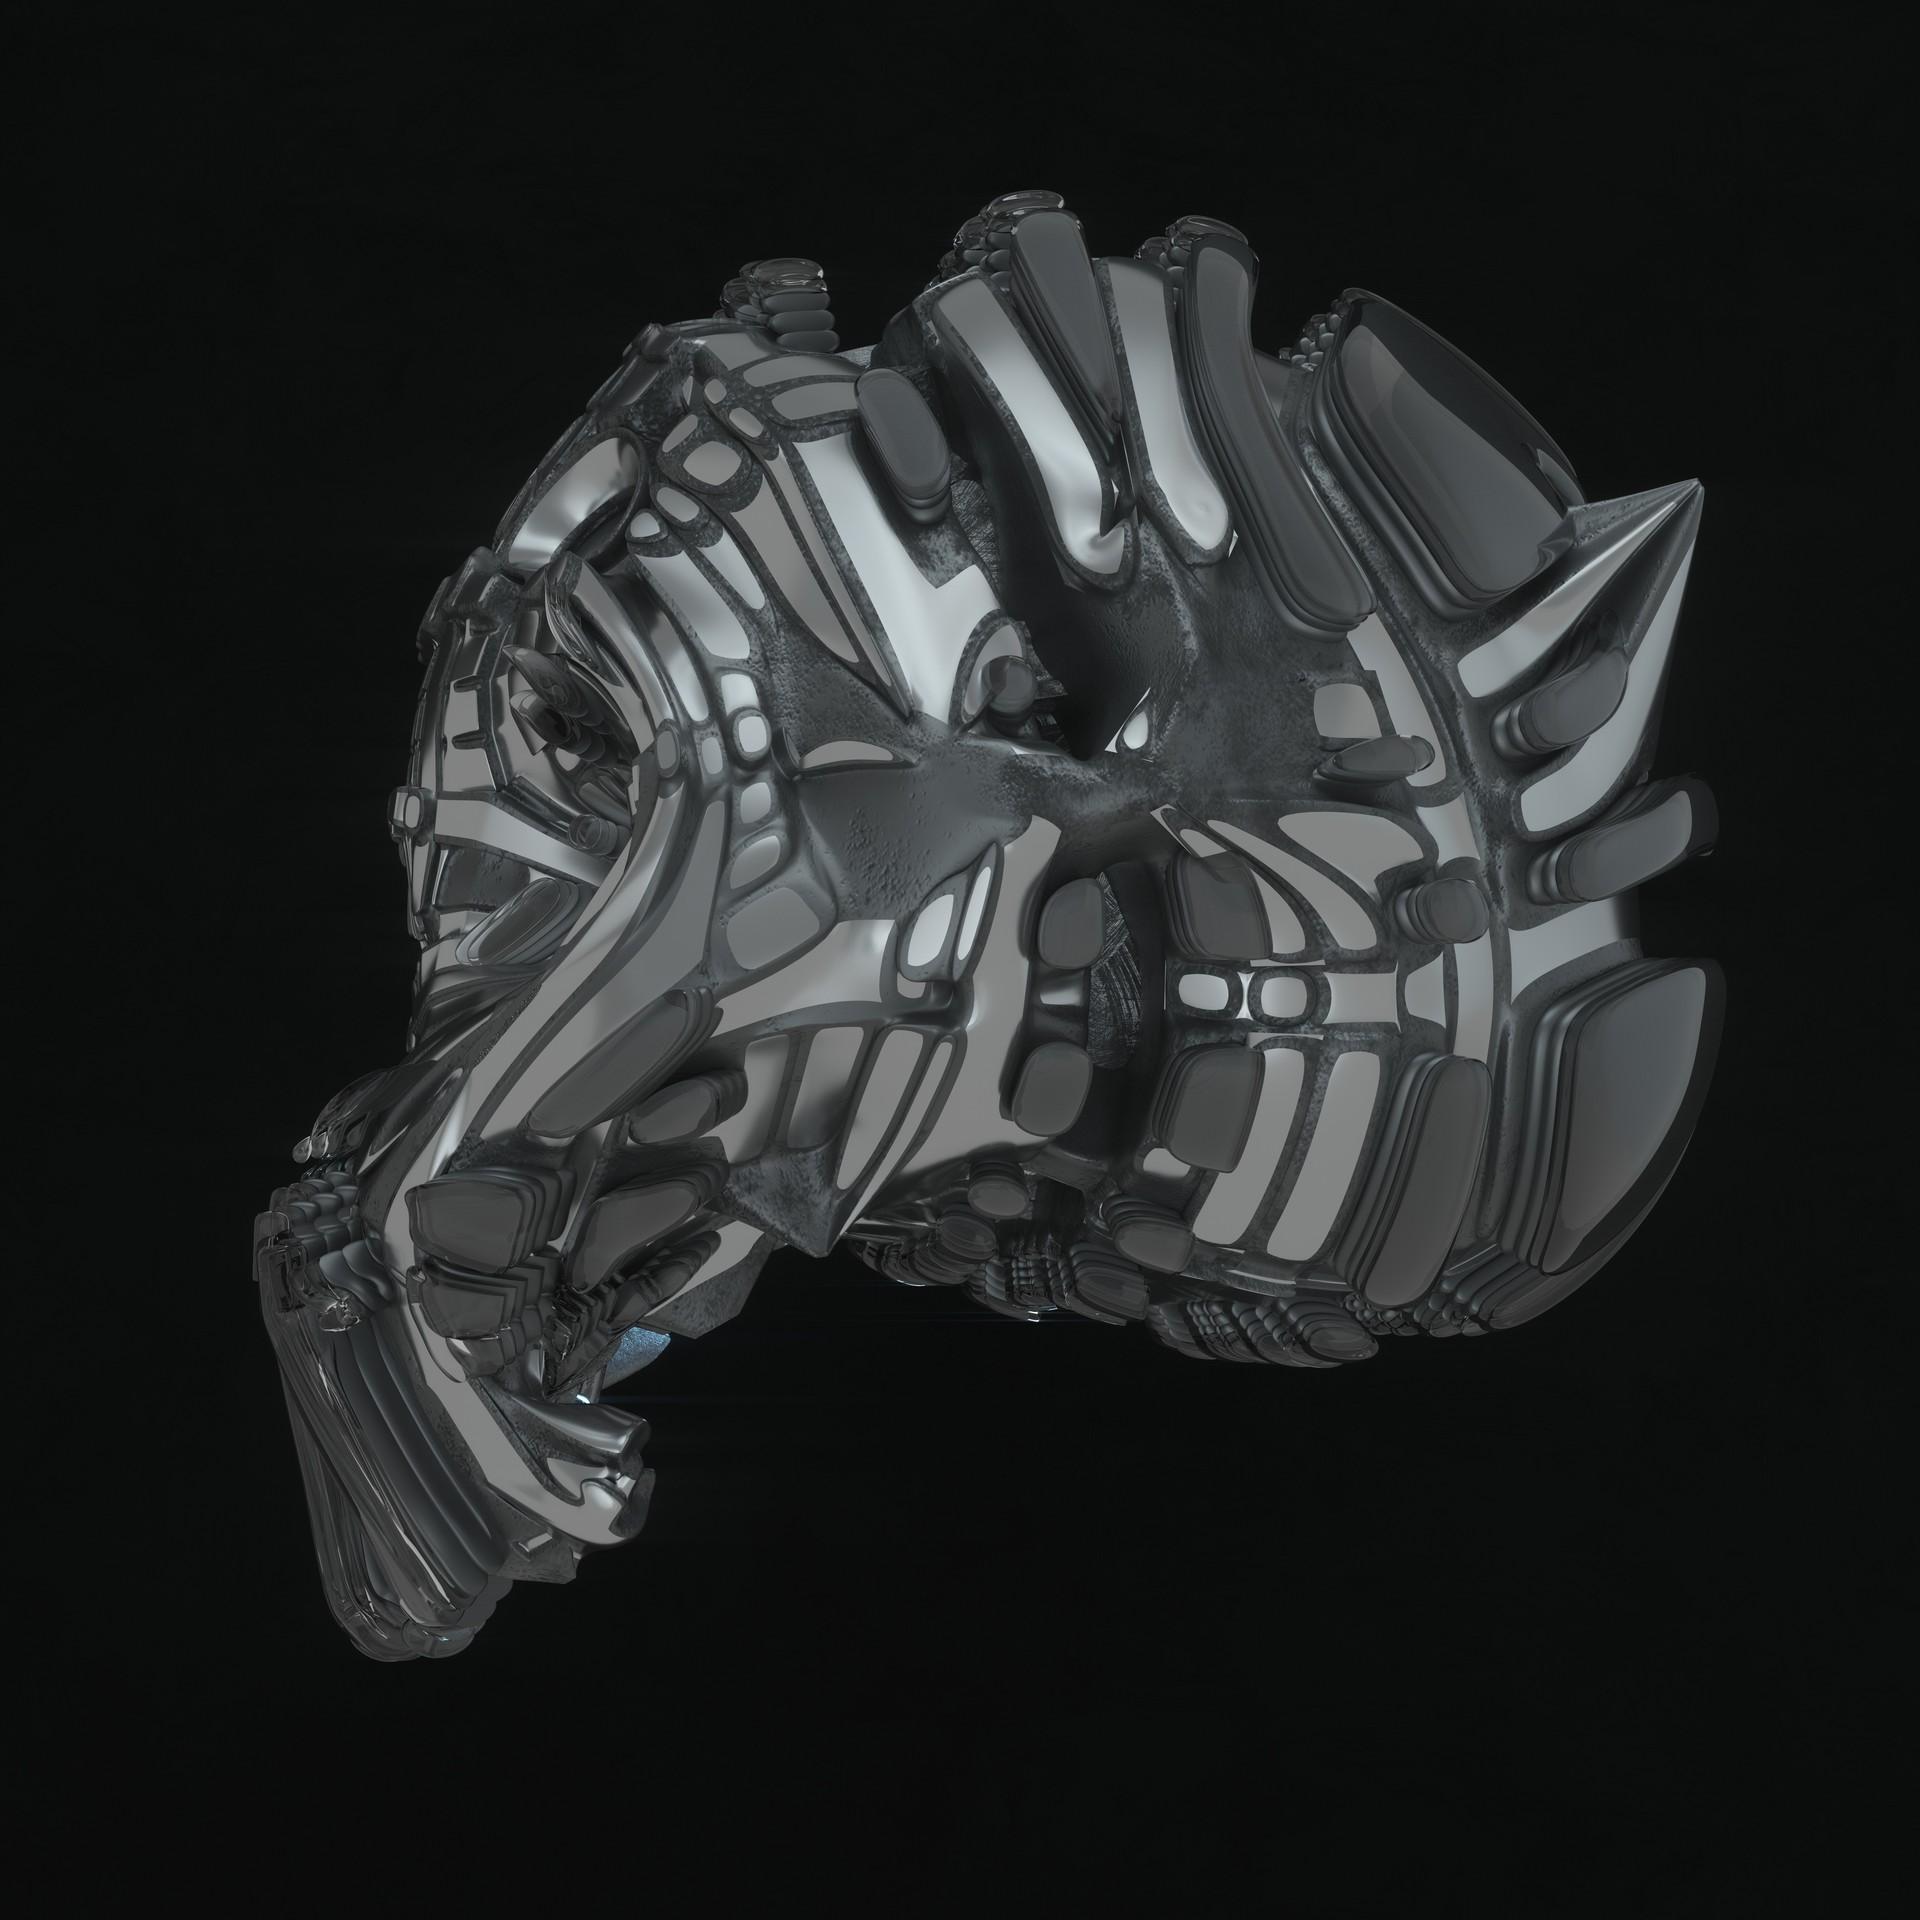 Kresimir jelusic robob3ar 378 251016 skl 25